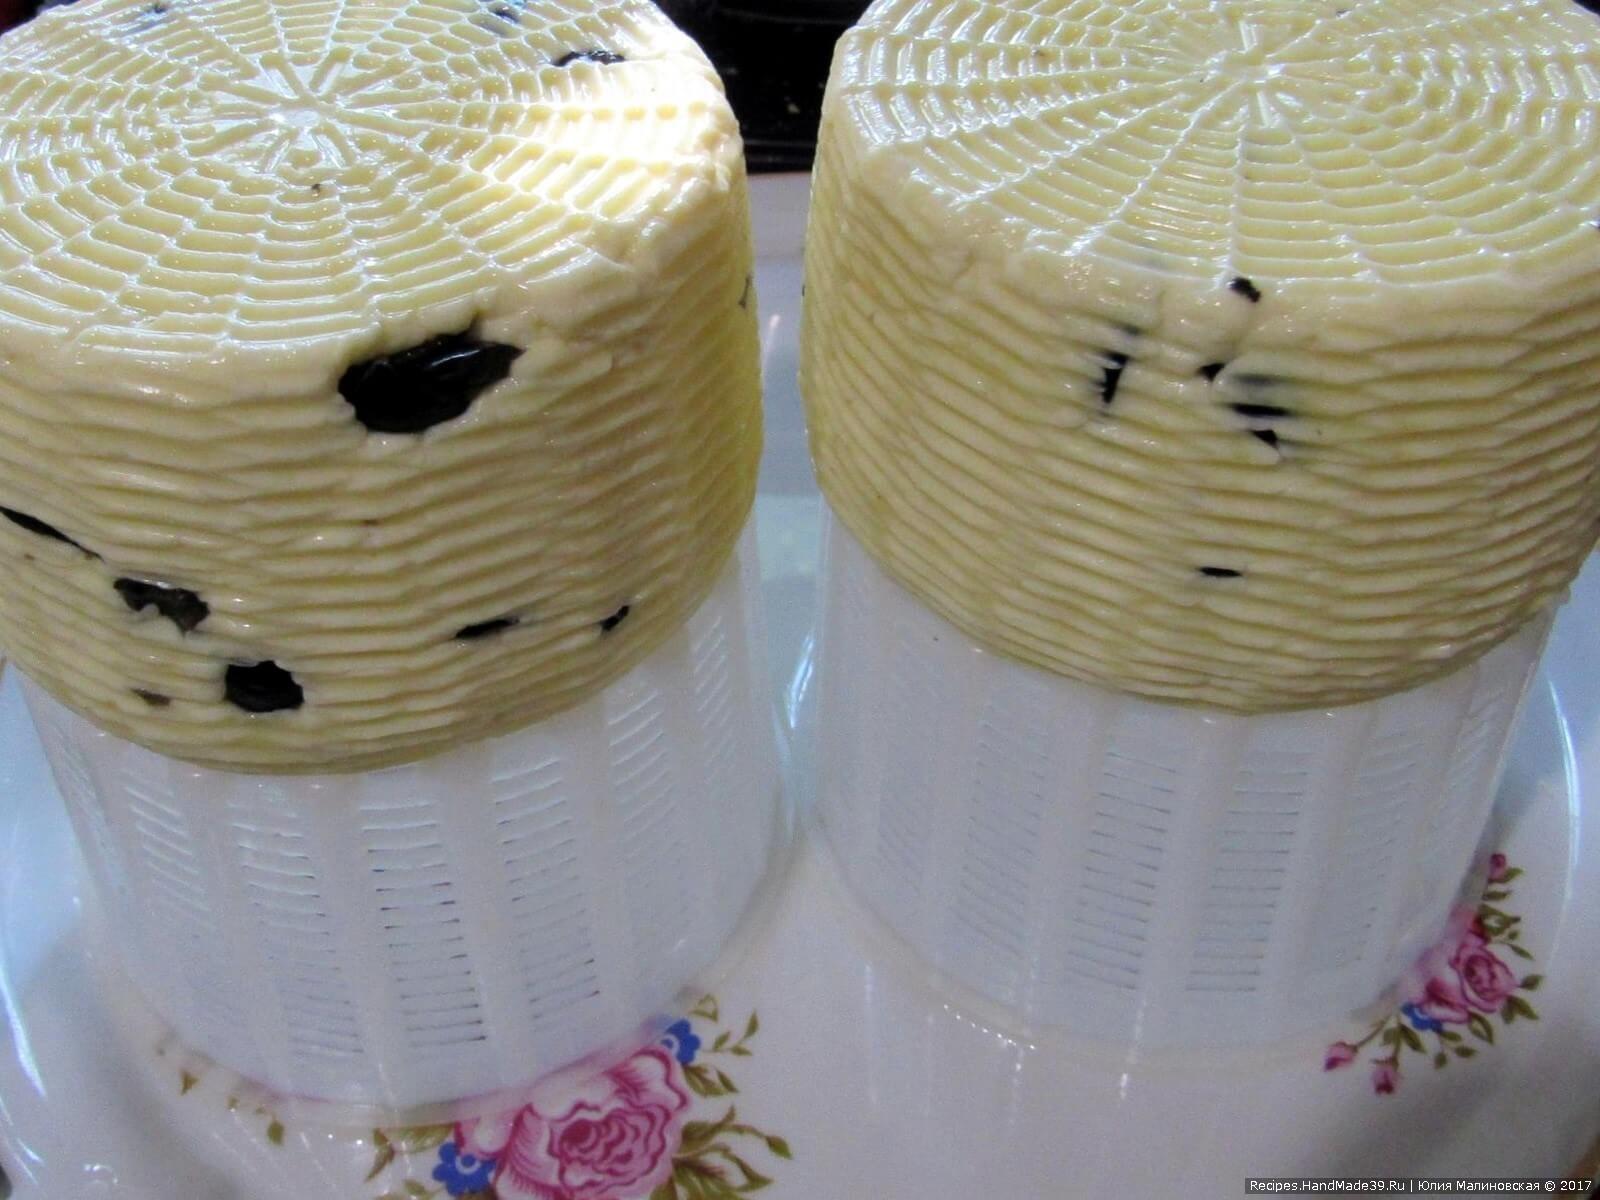 Оставьте сыр на 3 часа при комнатной температуре, а затем оставьте при температуре 8-10 °C на 6 часов